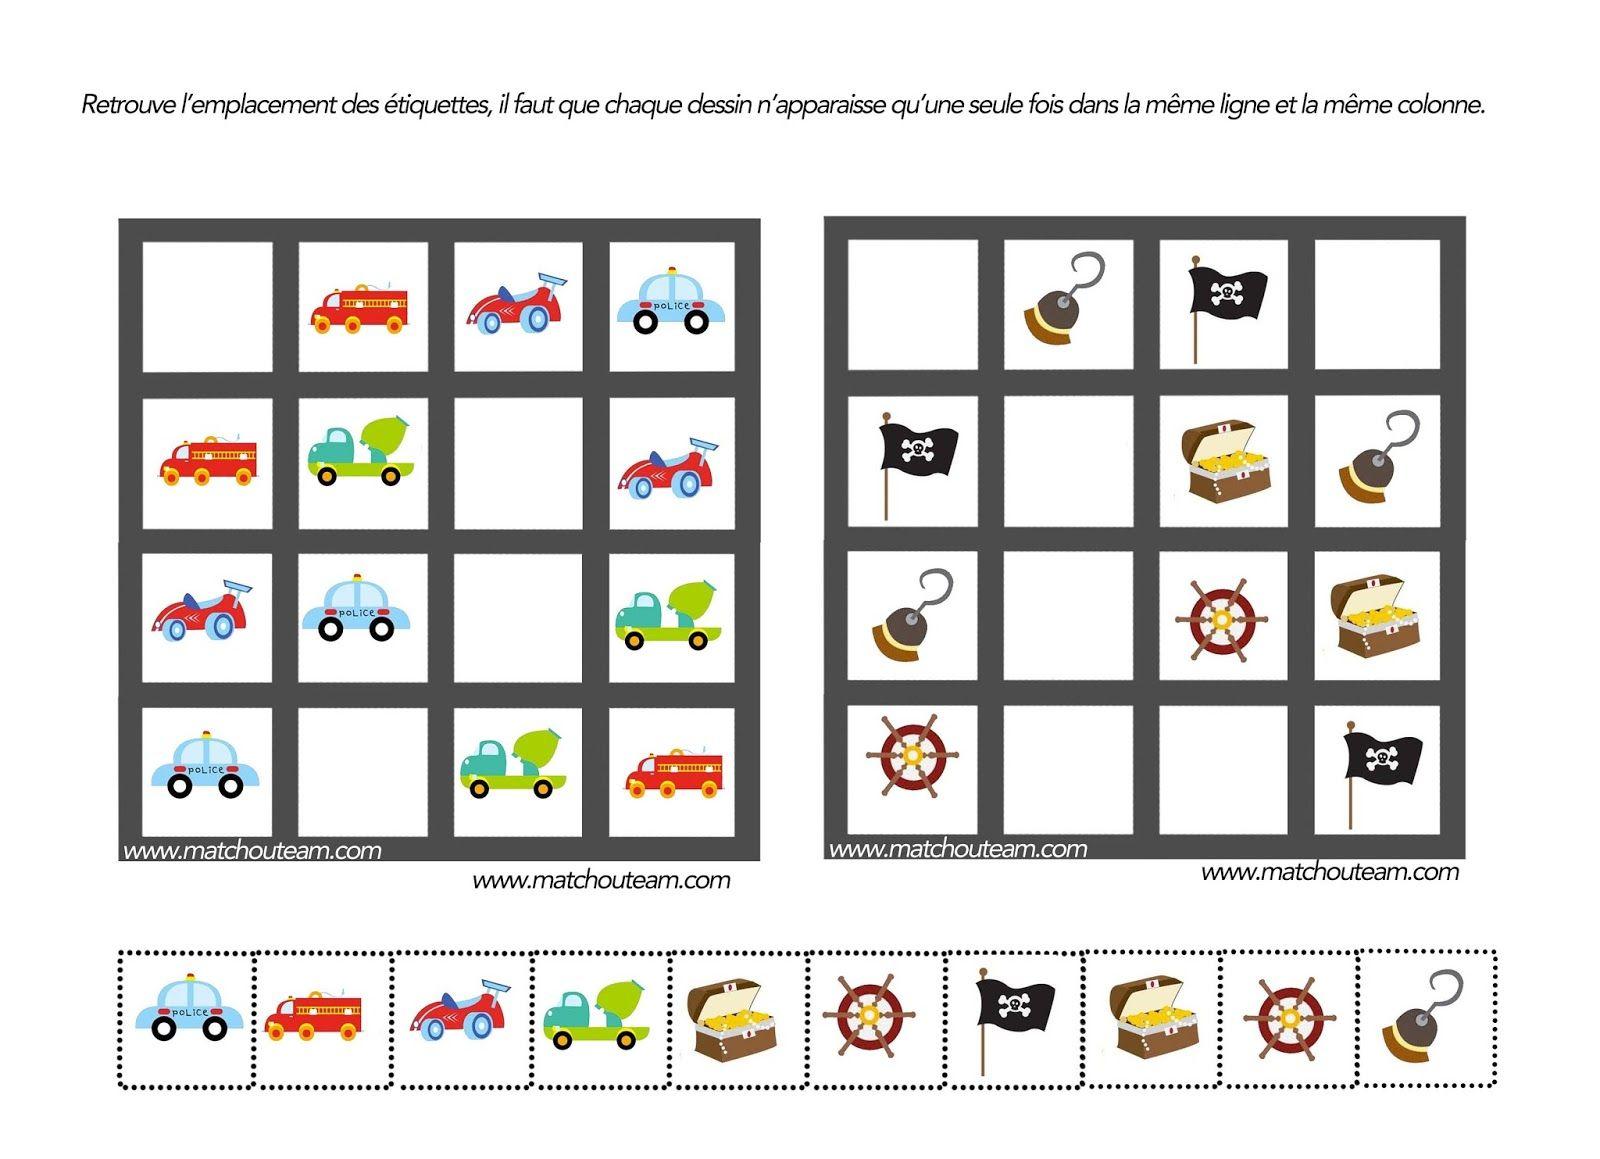 Jeu Pour Esprit Logique | Sudoku Enfant, Jeux De Logique Et concernant Sudoku Gratuit Enfant